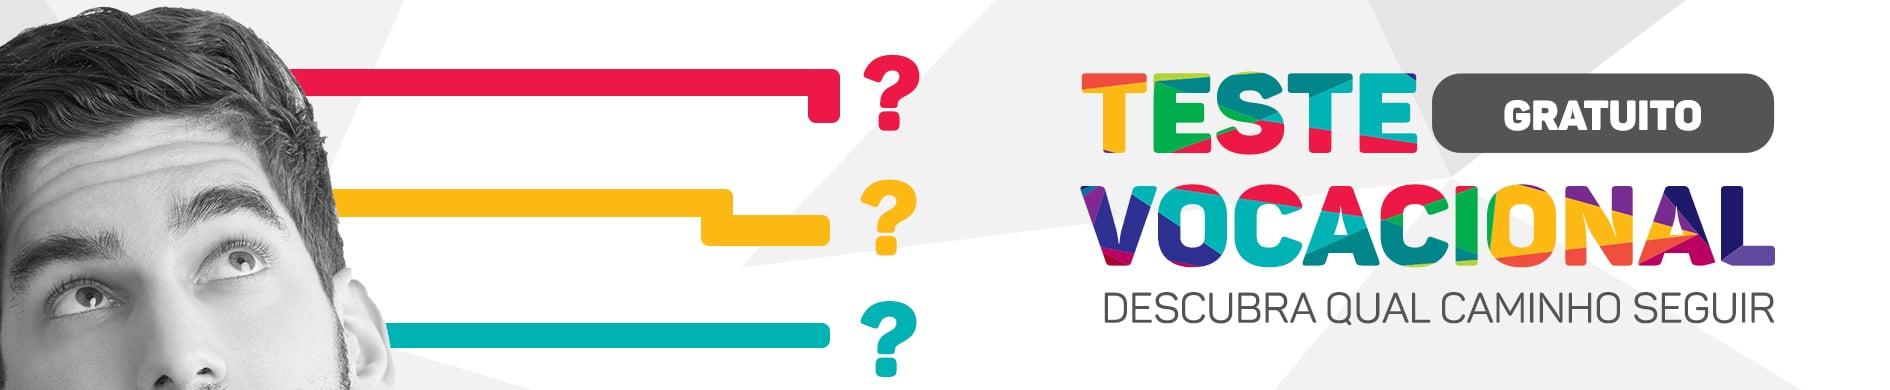 banner-teste-vocacional-home1